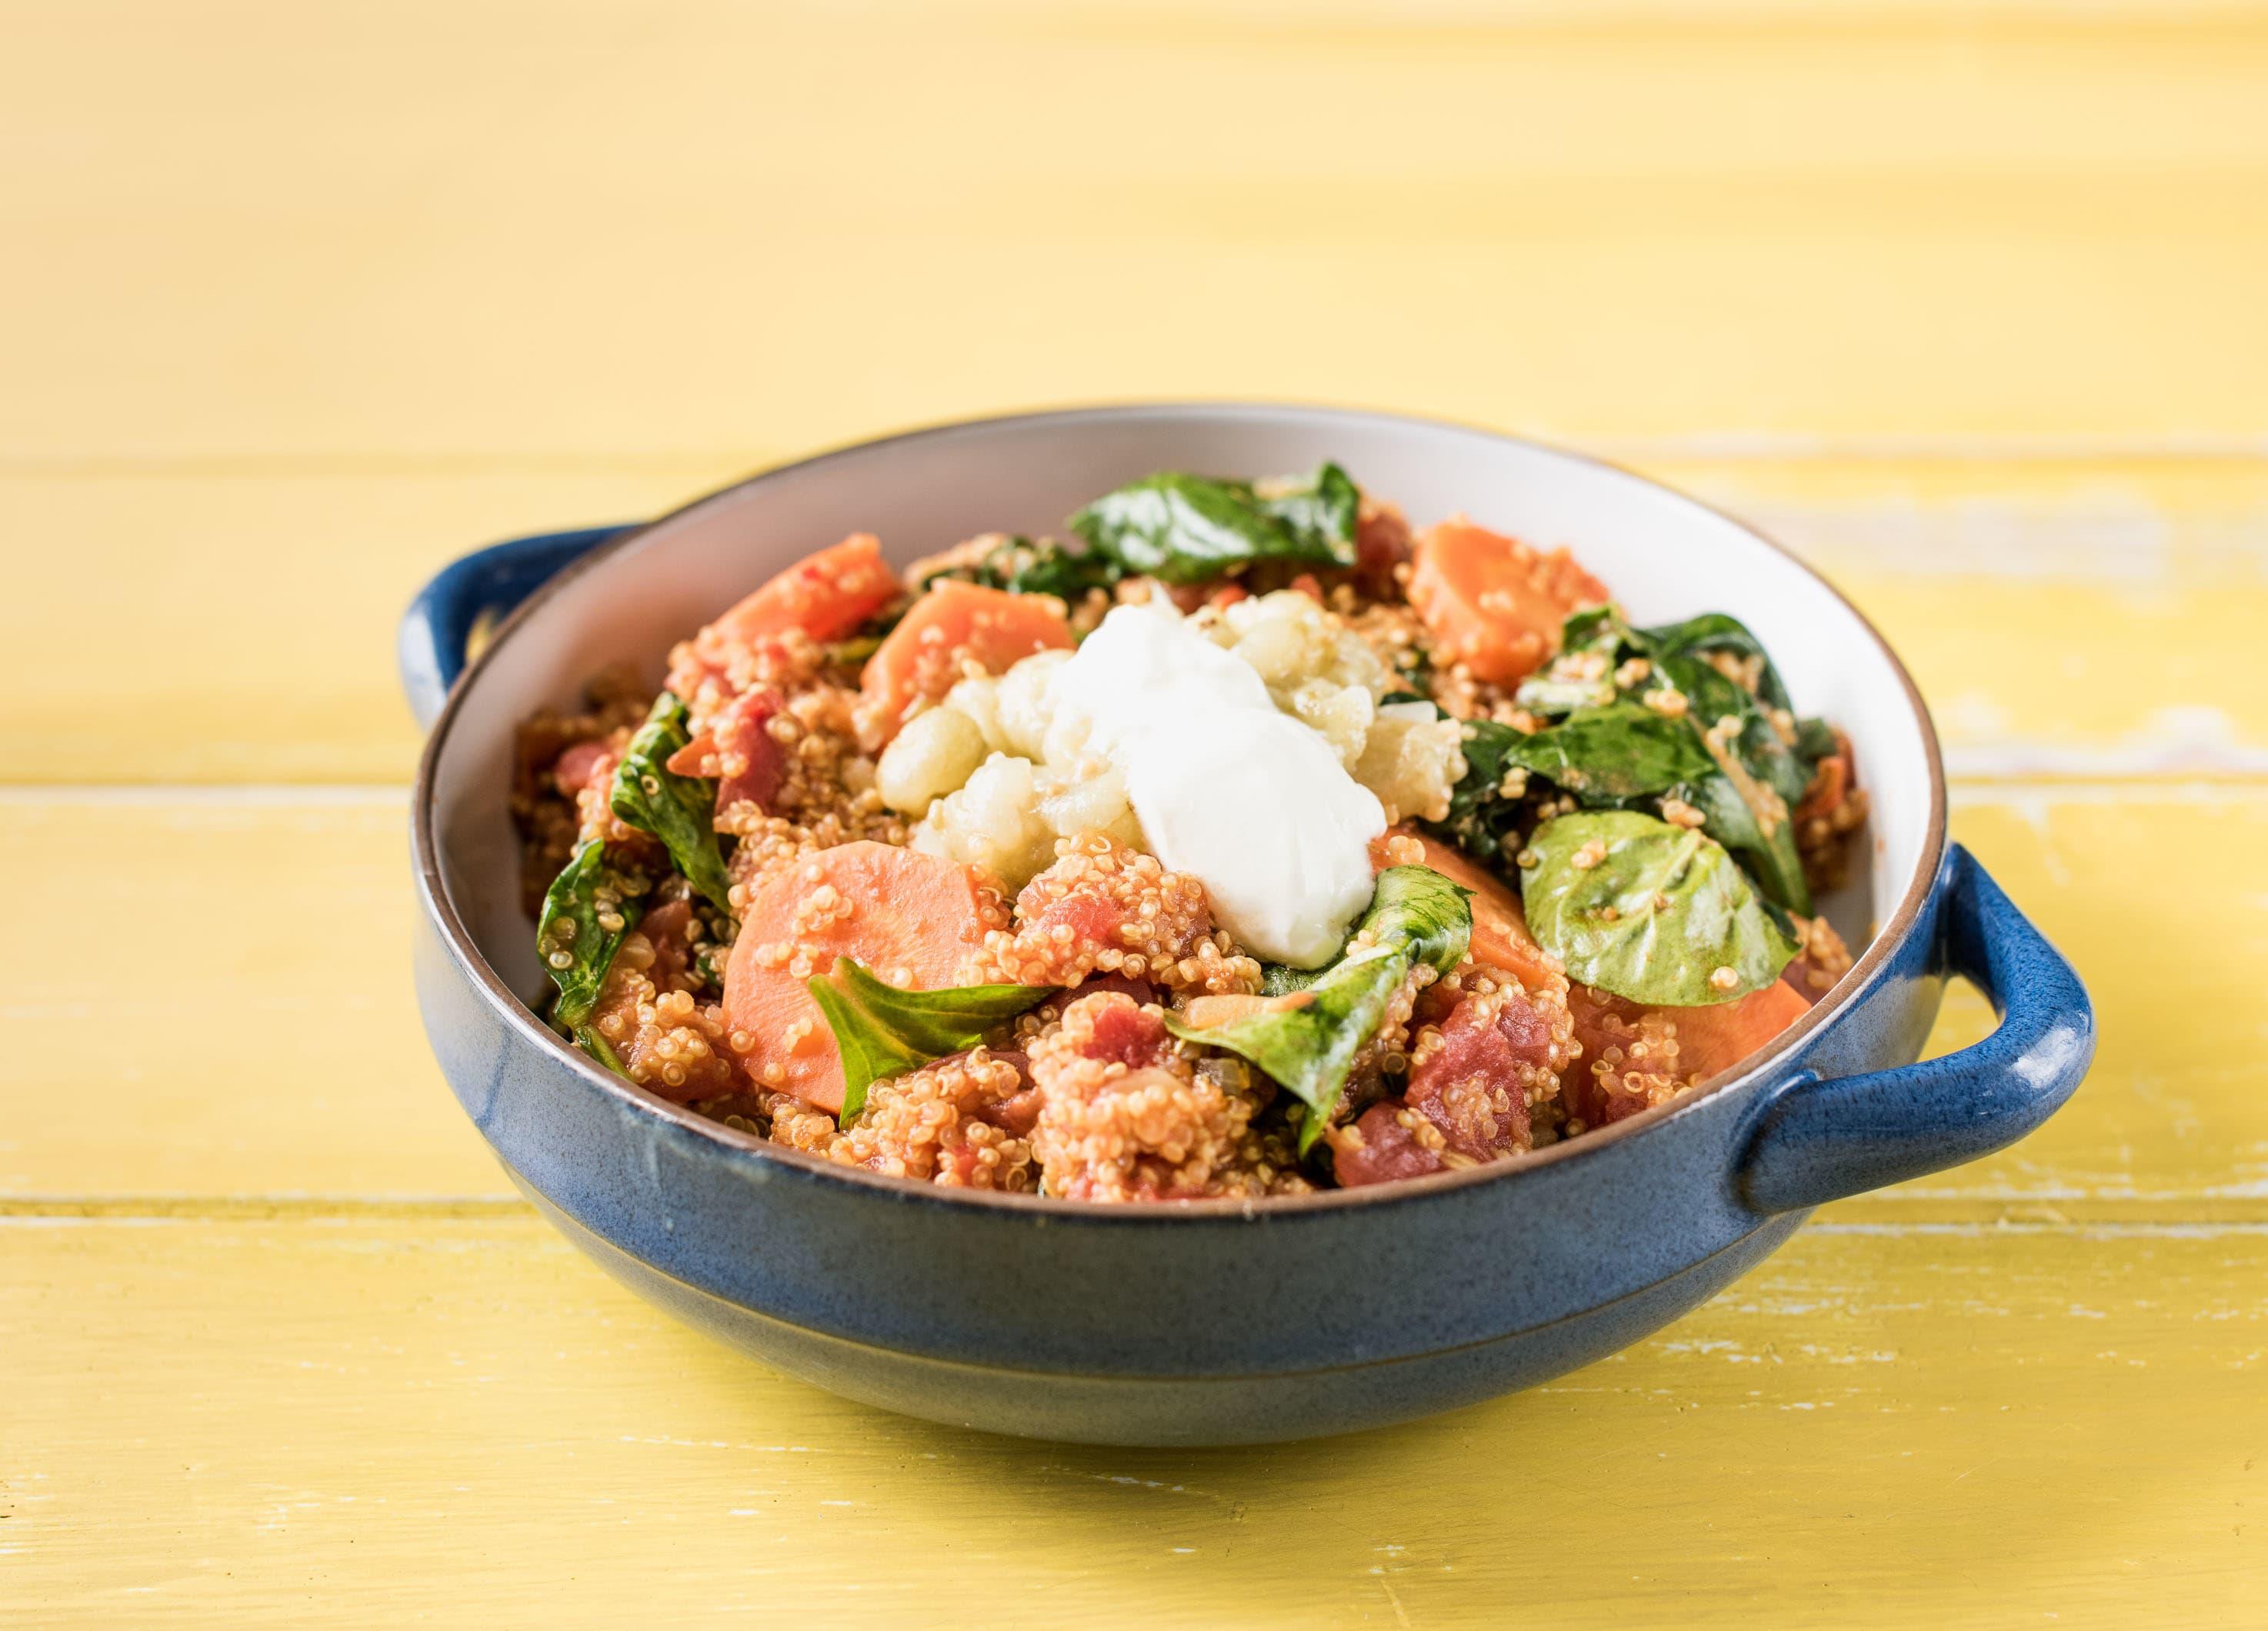 Tomatoey Spinach Quinoa Curry